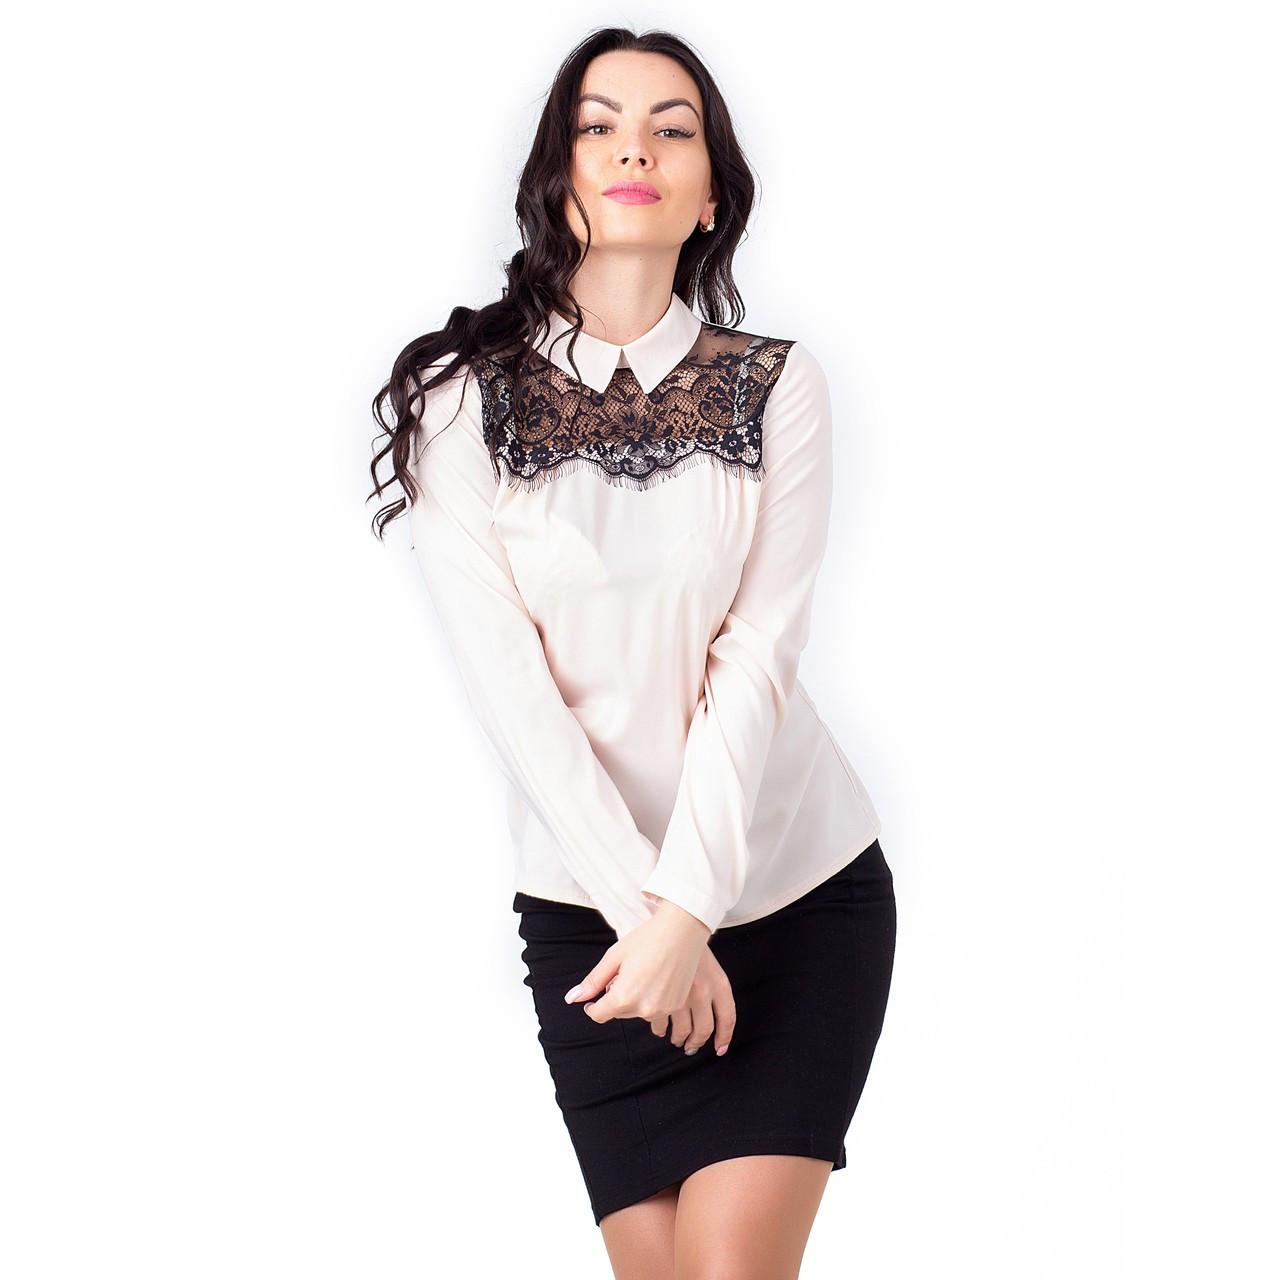 7c4bde8ebb6 Женская молодежная рубашка с кружевом молочная - bonny-style в Днепре